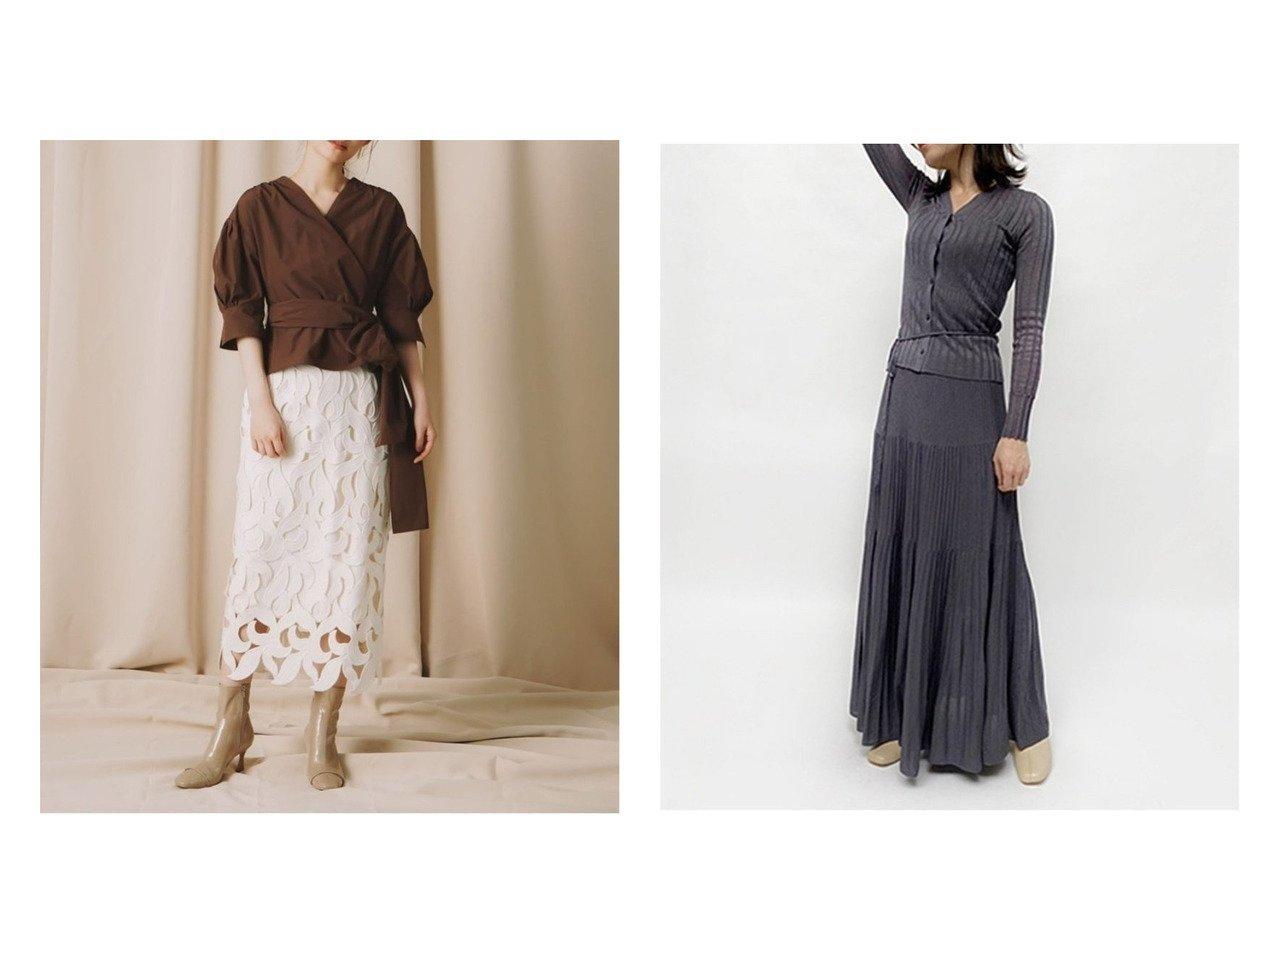 【FRAY I.D/フレイ アイディー】のソフトラメプリーツニットSK&【CELFORD/セルフォード】のリーフレーススカート スカートのおすすめ!人気、トレンド・レディースファッションの通販  おすすめで人気の流行・トレンド、ファッションの通販商品 メンズファッション・キッズファッション・インテリア・家具・レディースファッション・服の通販 founy(ファニー) https://founy.com/ ファッション Fashion レディースファッション WOMEN スカート Skirt プリーツスカート Pleated Skirts オケージョン ケミカル シンプル ジャケット ヘムライン モチーフ リーフ レース 人気 A/W 秋冬 AW Autumn/Winter / FW Fall-Winter アイレット ギャザー セットアップ プリーツ |ID:crp329100000009701